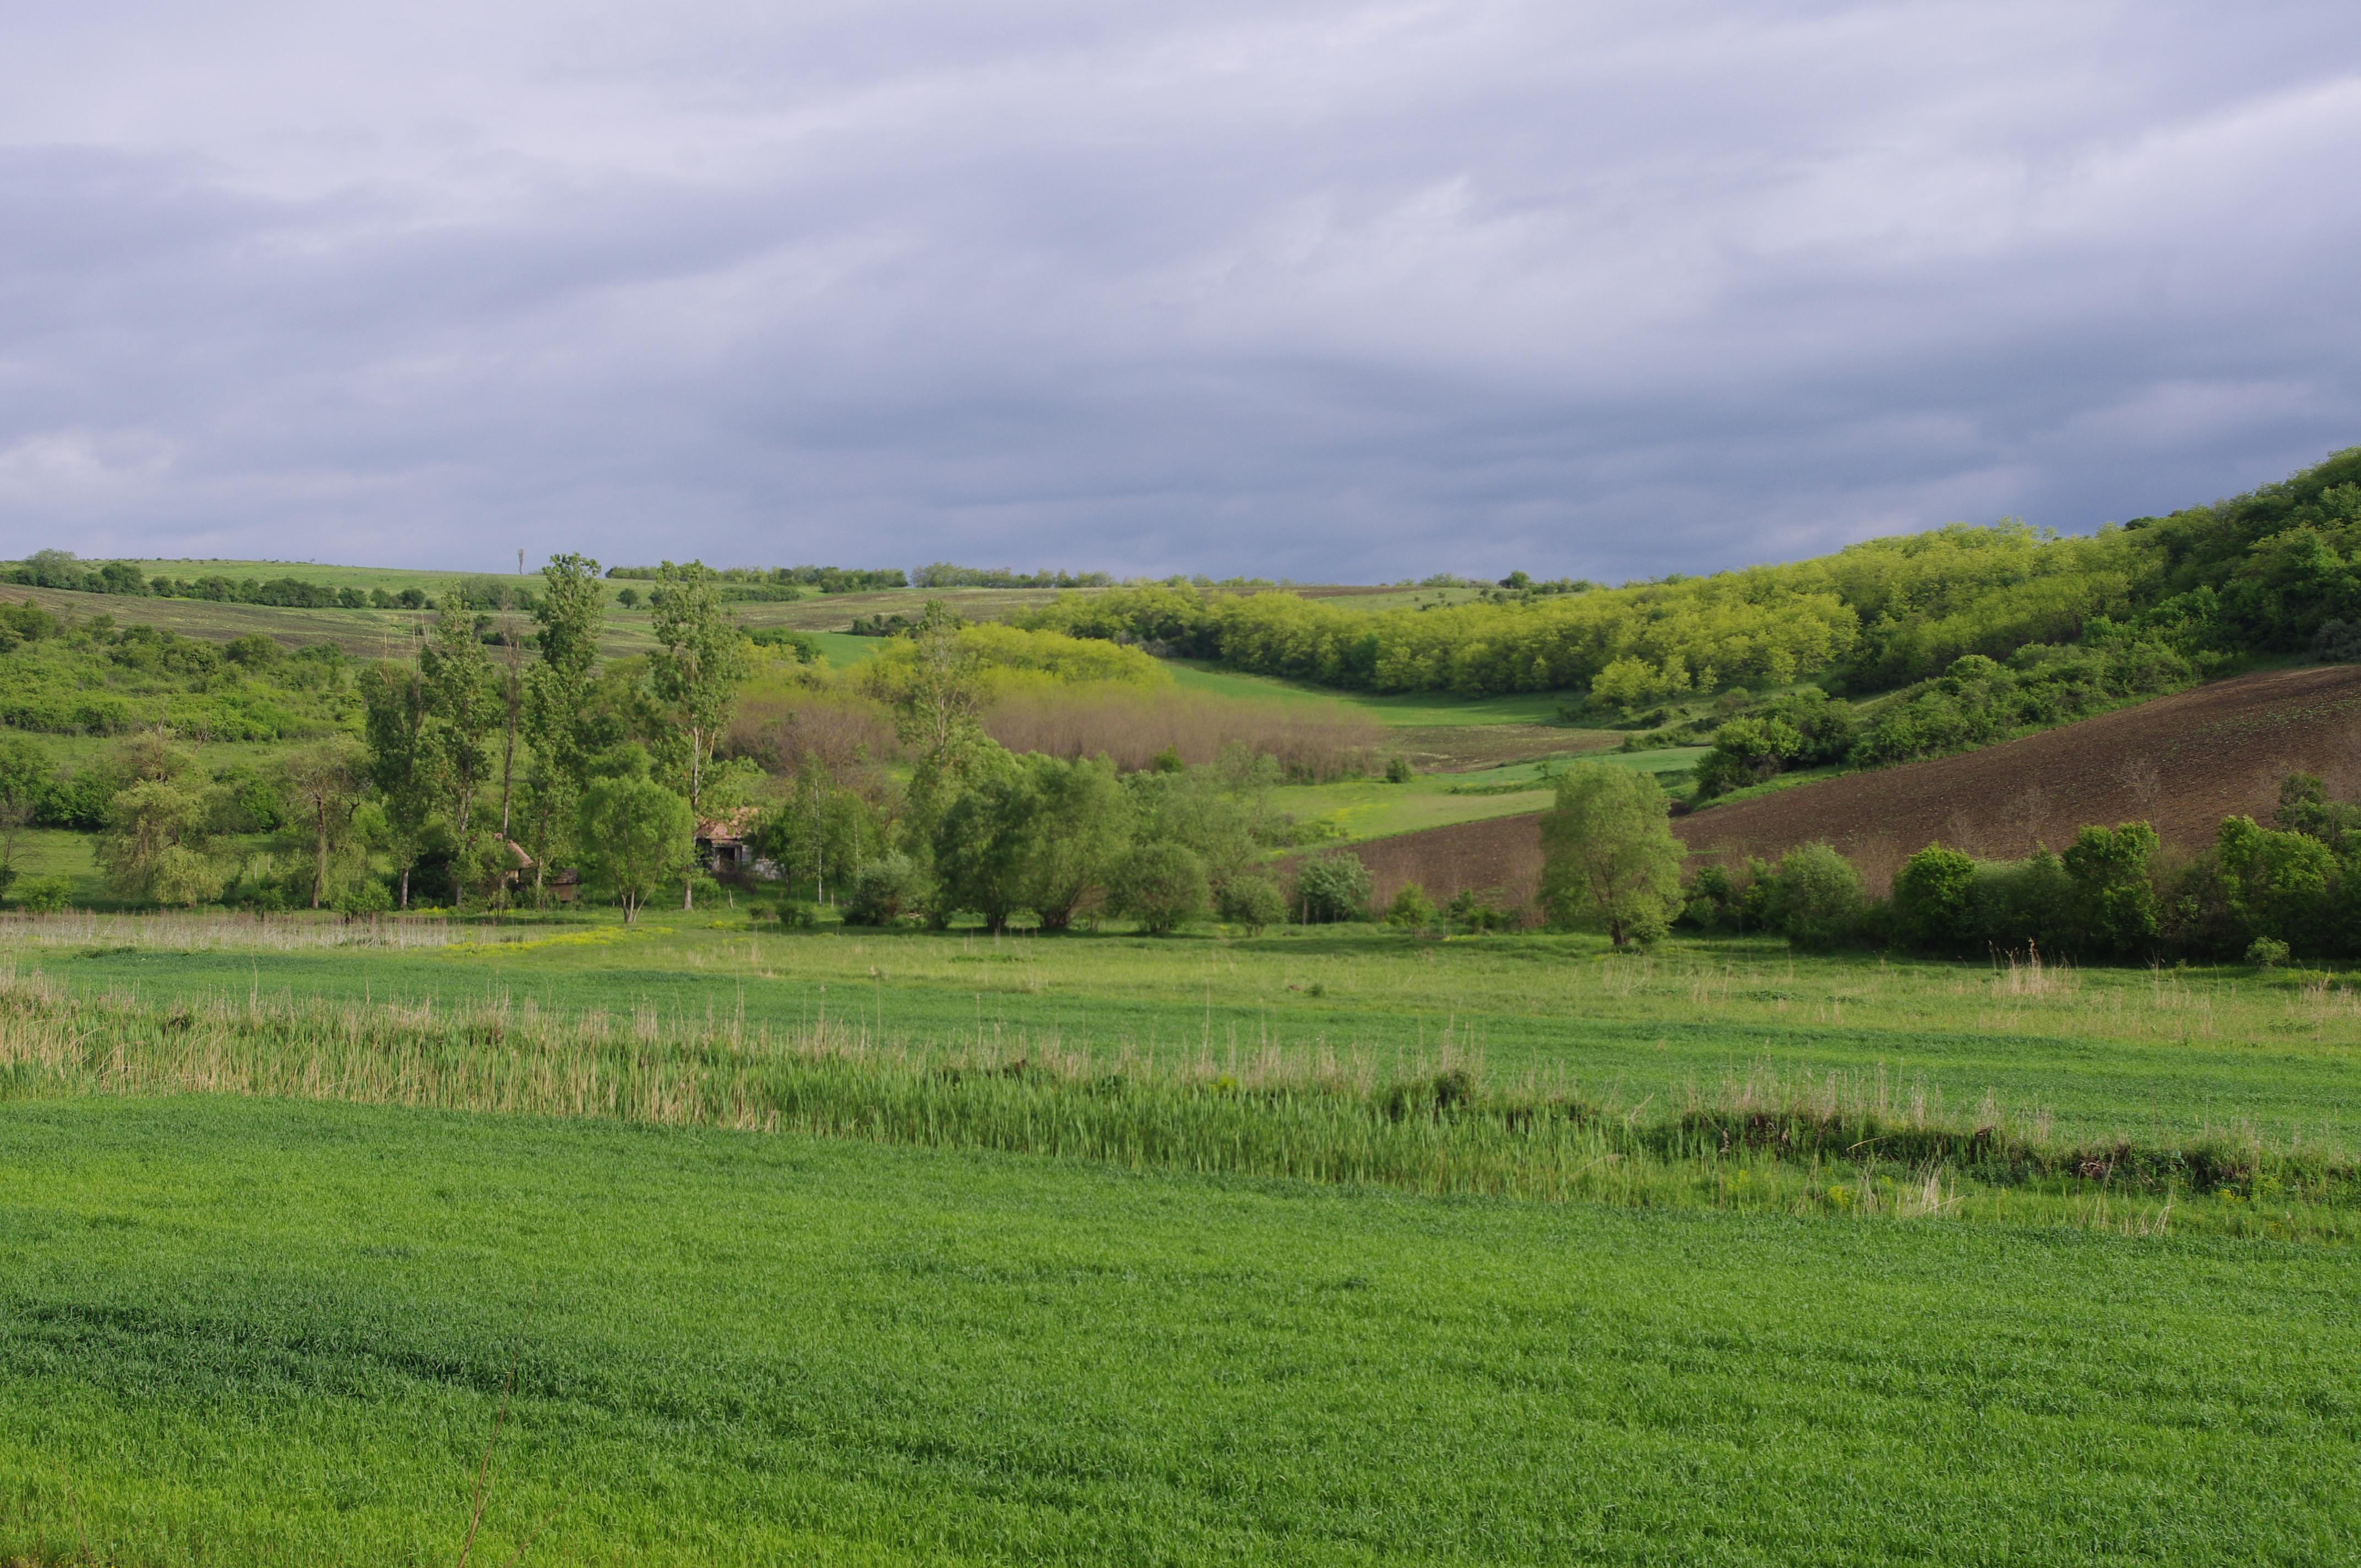 Rumänien: Ein Waldgebiet grenzt an ein Feld.